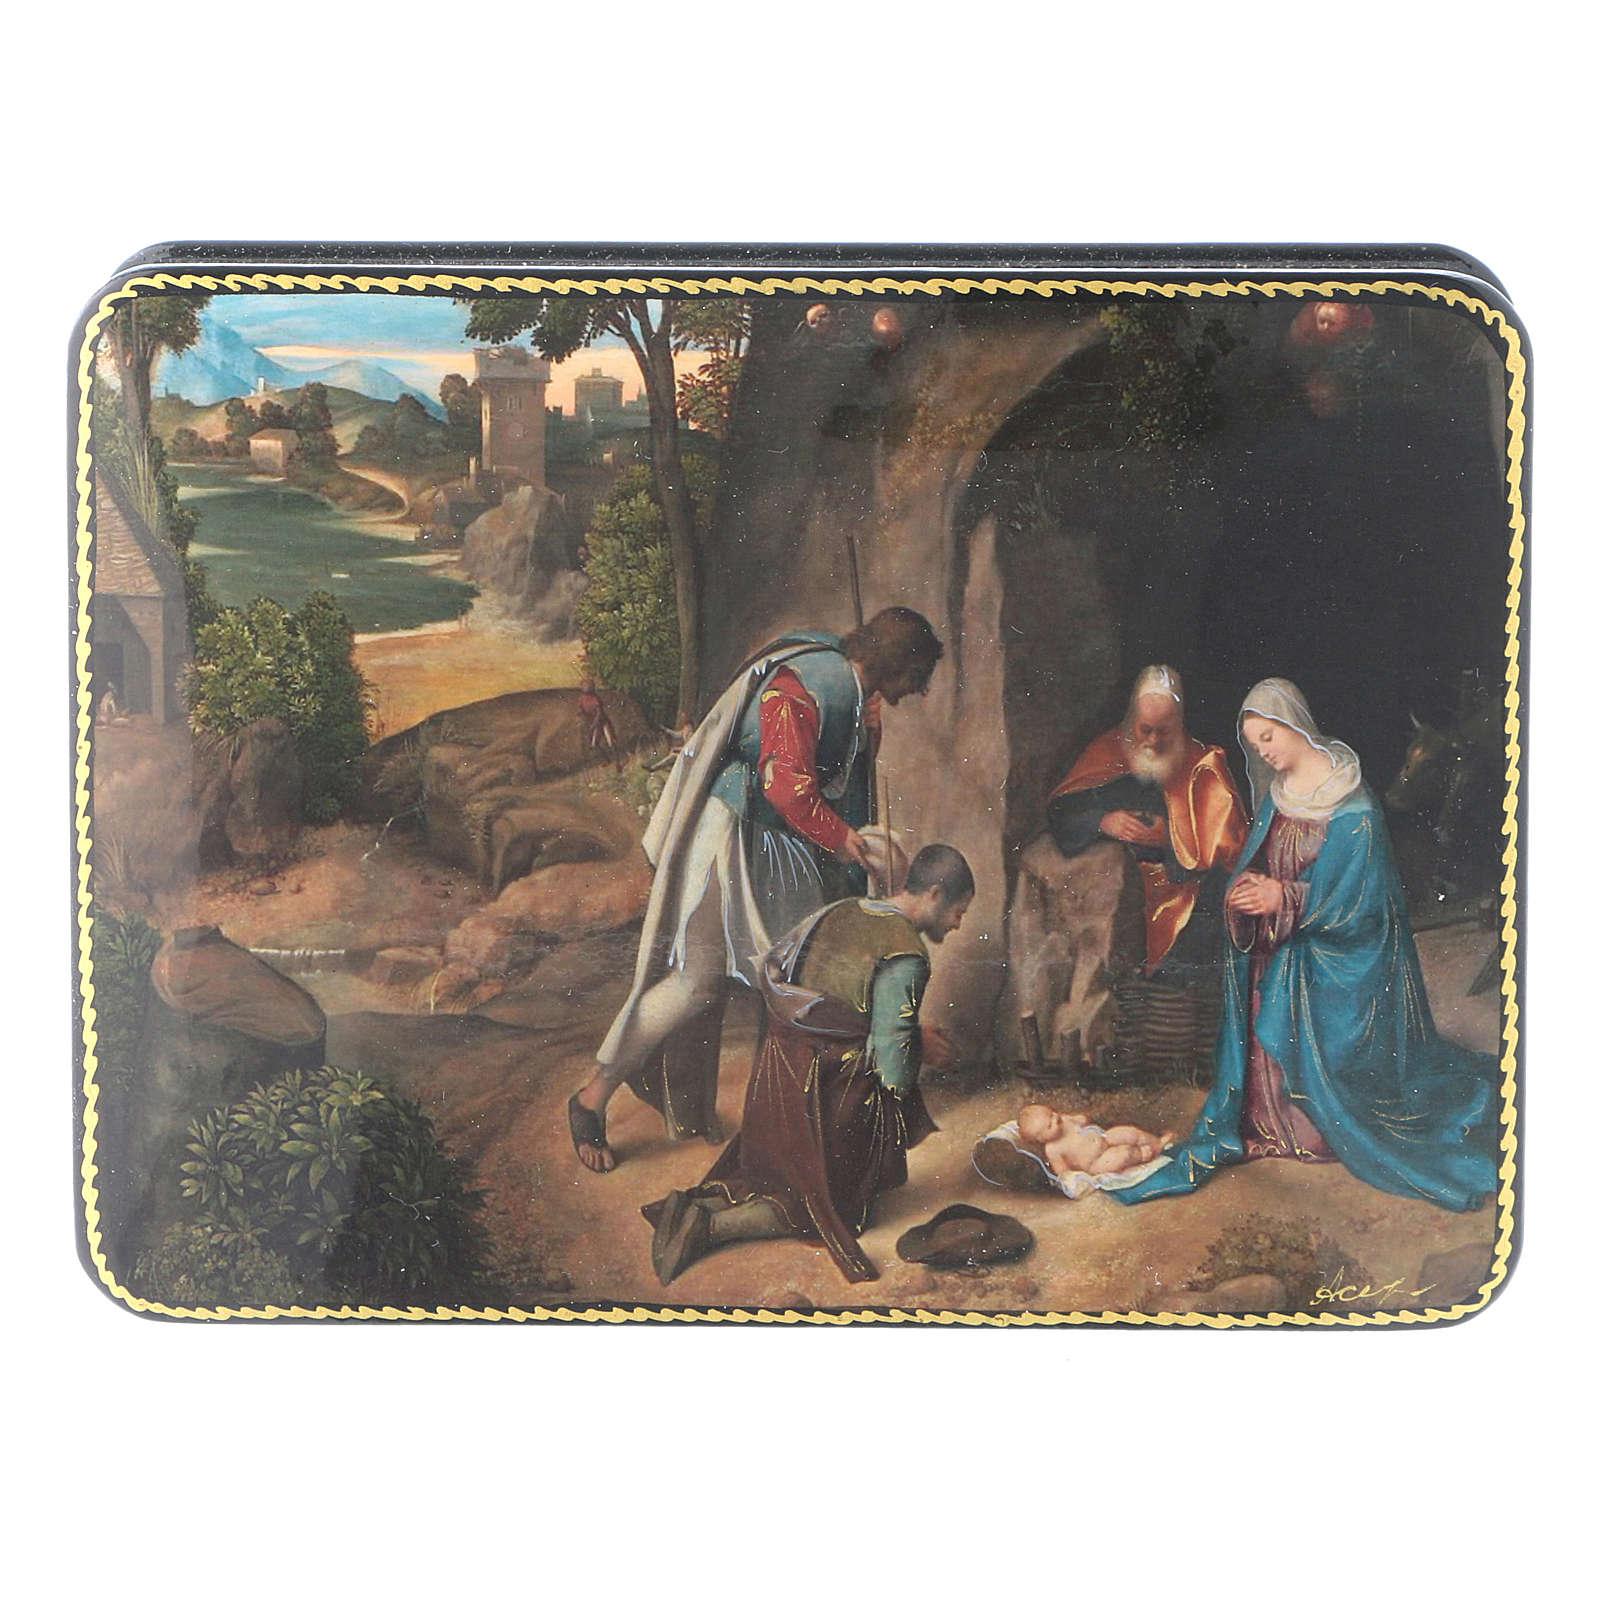 Lacca russa cartapesta Adorazione dei Pastori Natività Fedoskino style 15x11 4